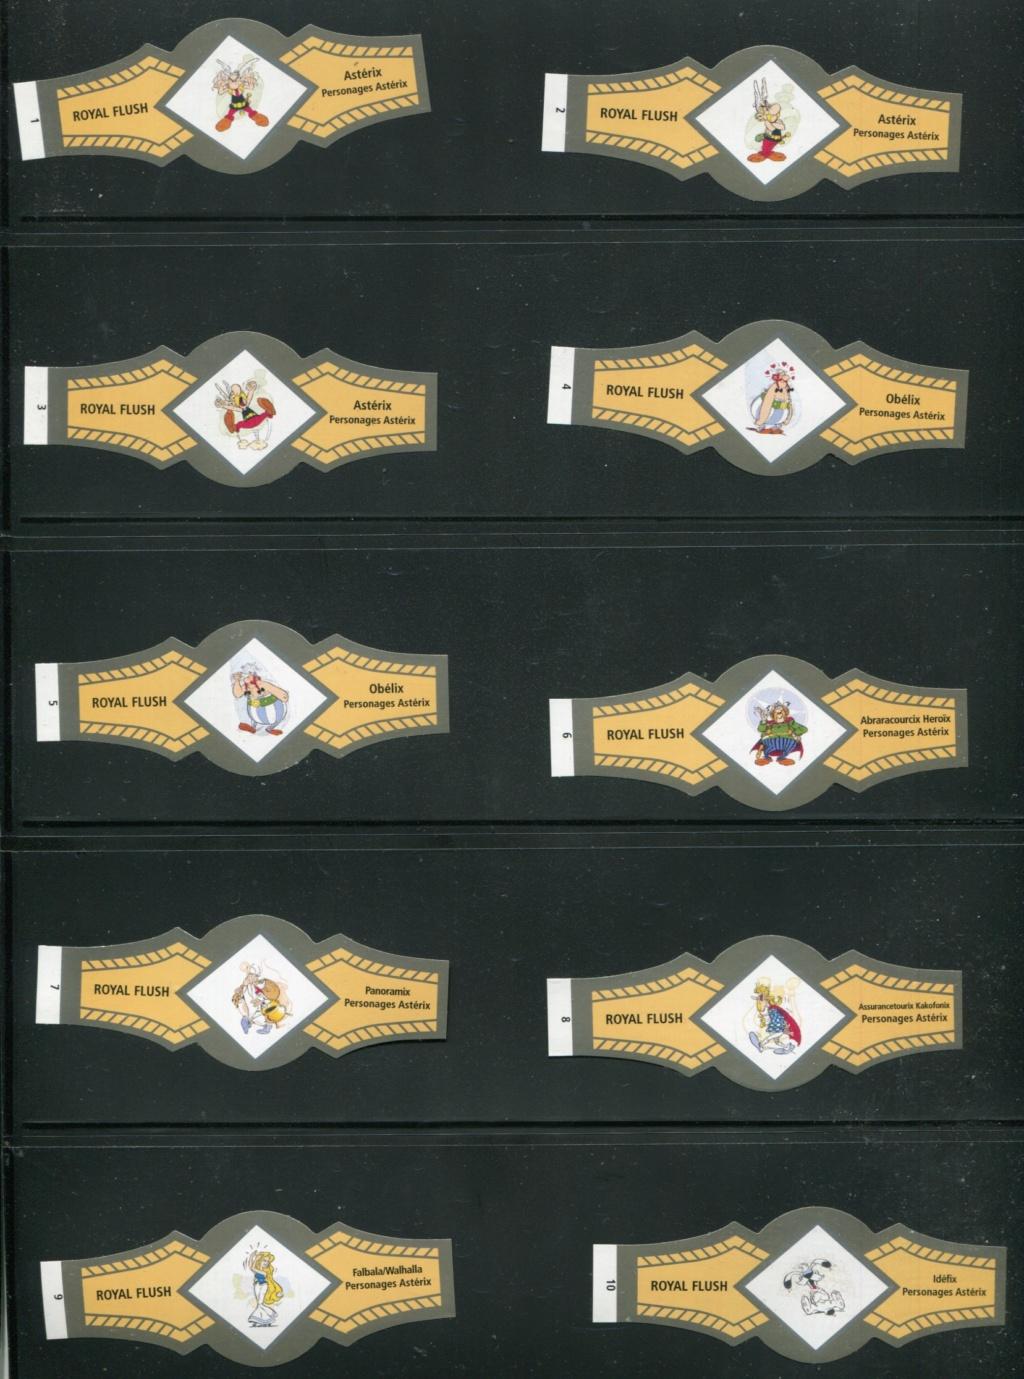 baguescigareGaulois37110  Royal_12